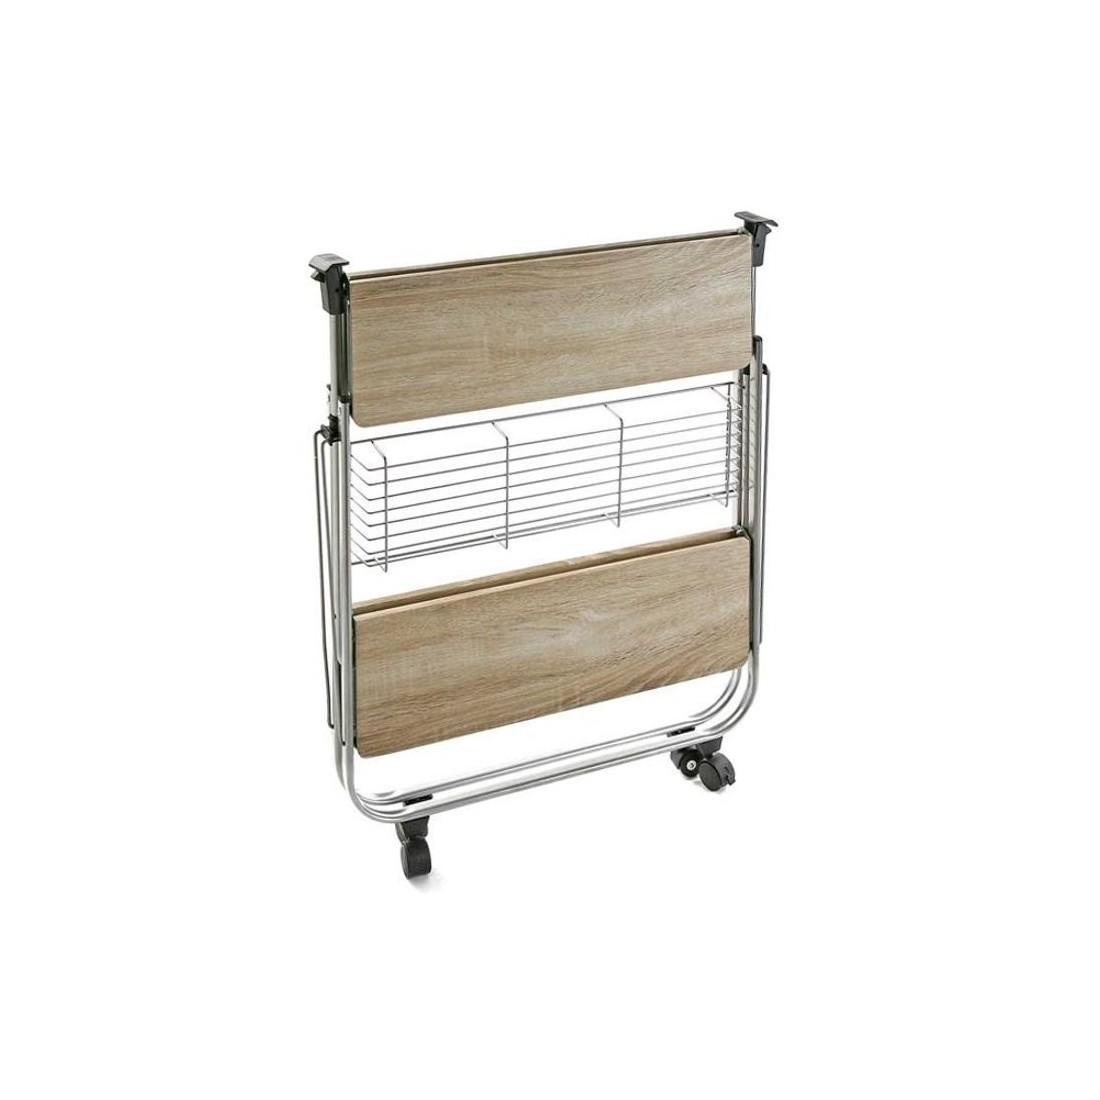 Mesa auxiliar plegable de cocina madera y metal 70x68 cm for Mesa carrito auxiliar de cocina